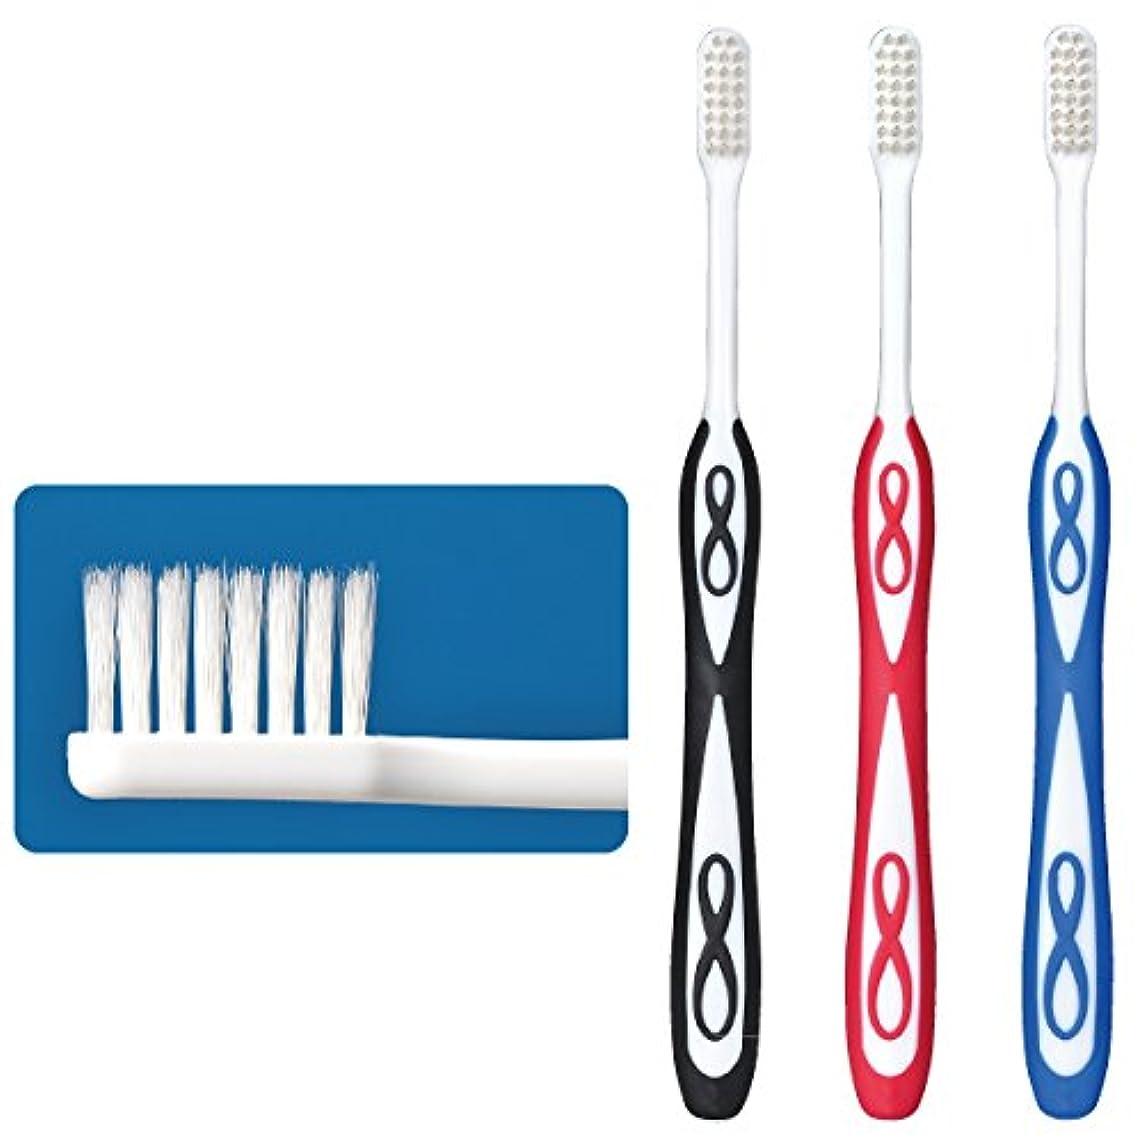 うめき宿命人道的Lover8(ラバーエイト)歯ブラシ レギュラータイプ オールテーパー毛 Mふつう 30本入